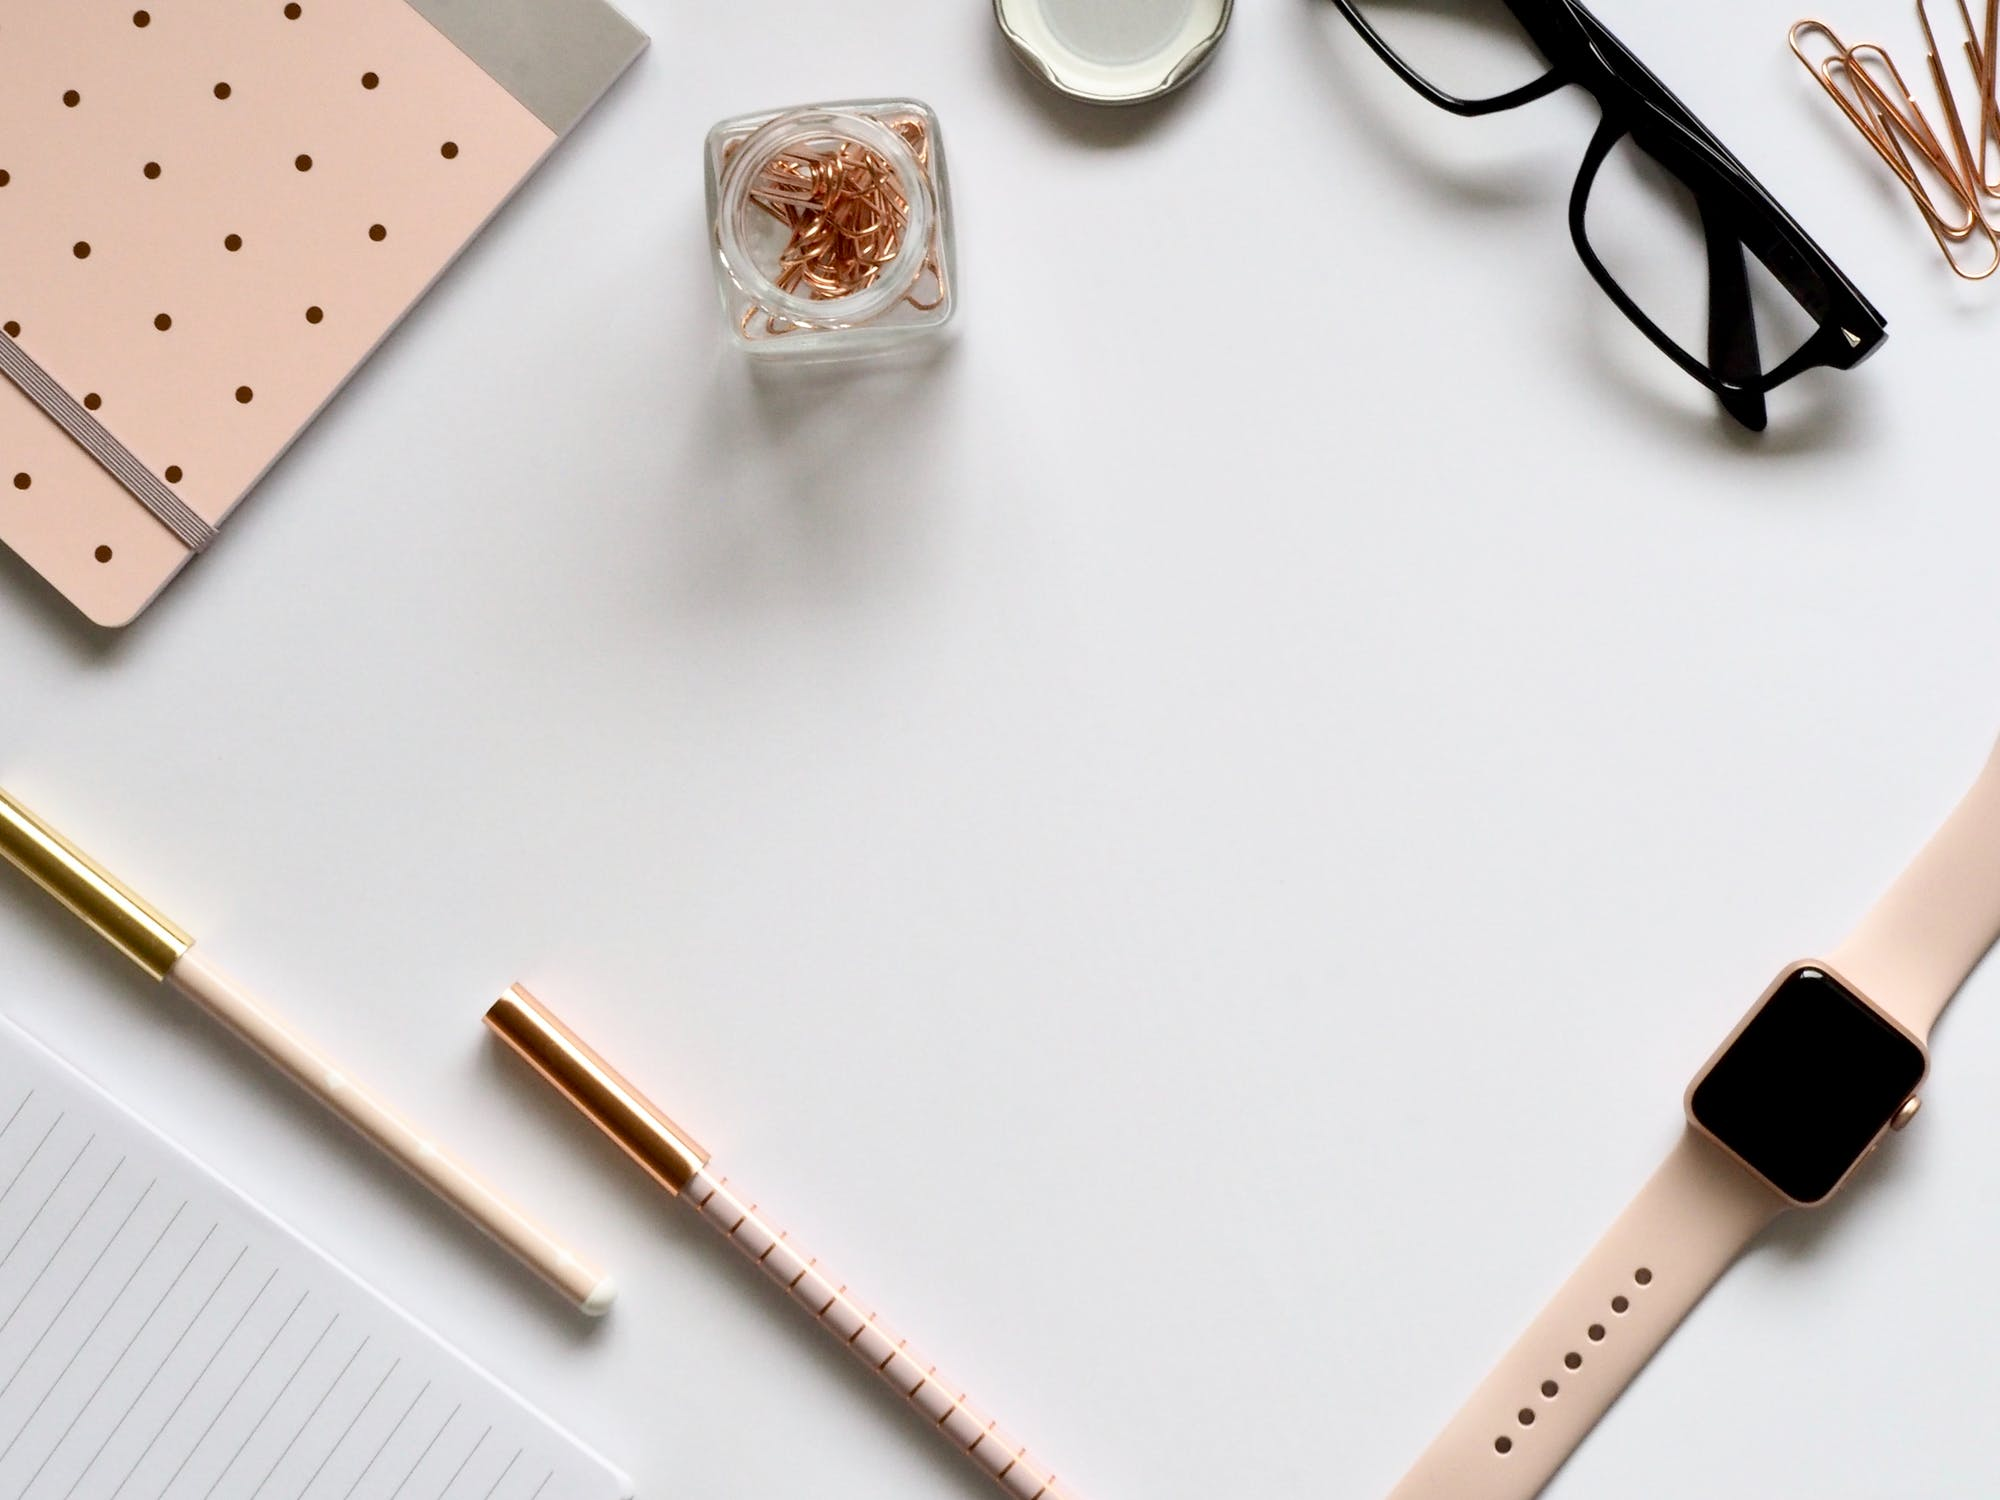 O čemu ti to pišeš - blog post